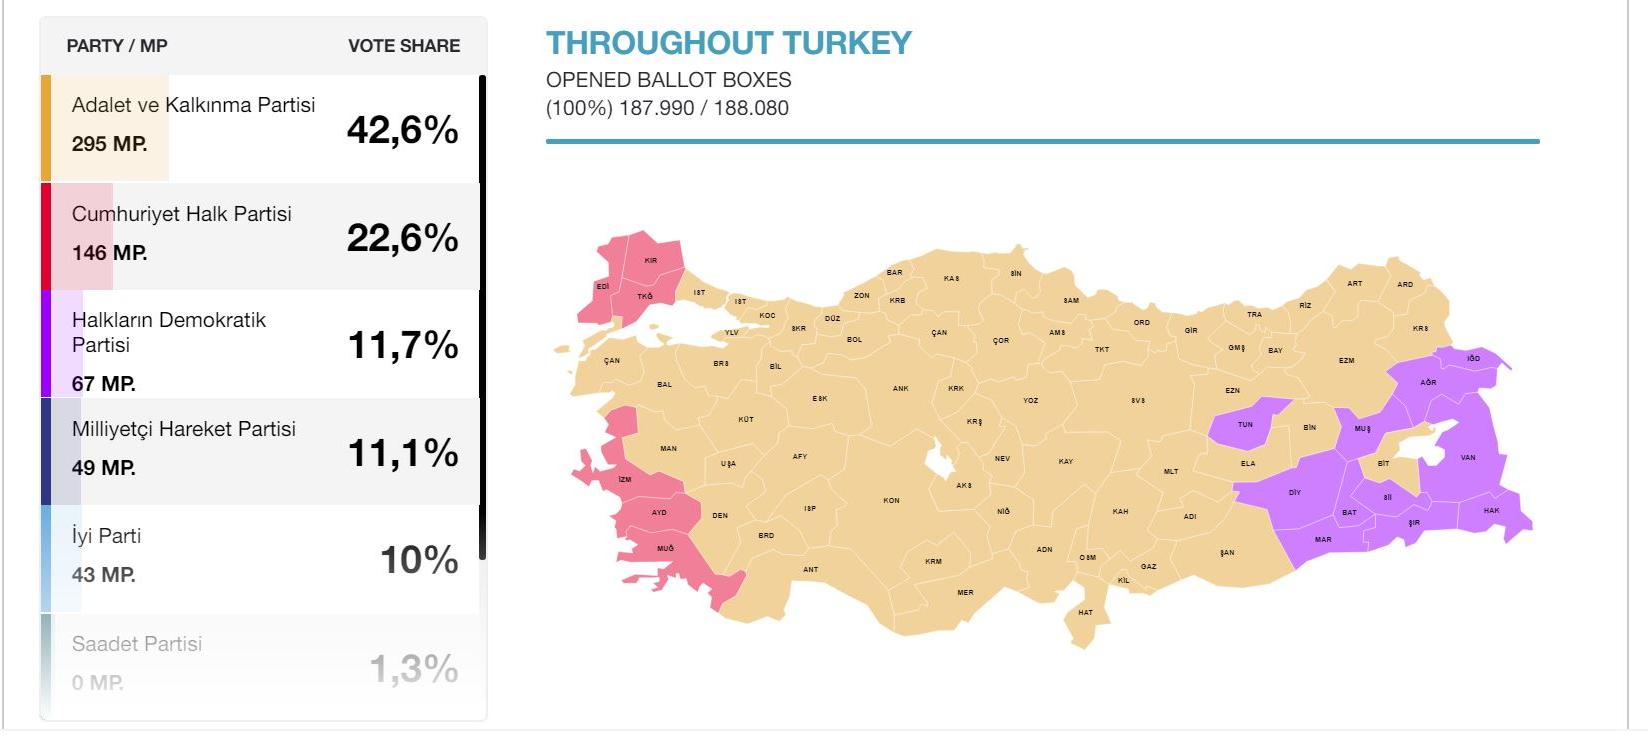 نتایج کامل انتخابات ترکیه (+نمودار)